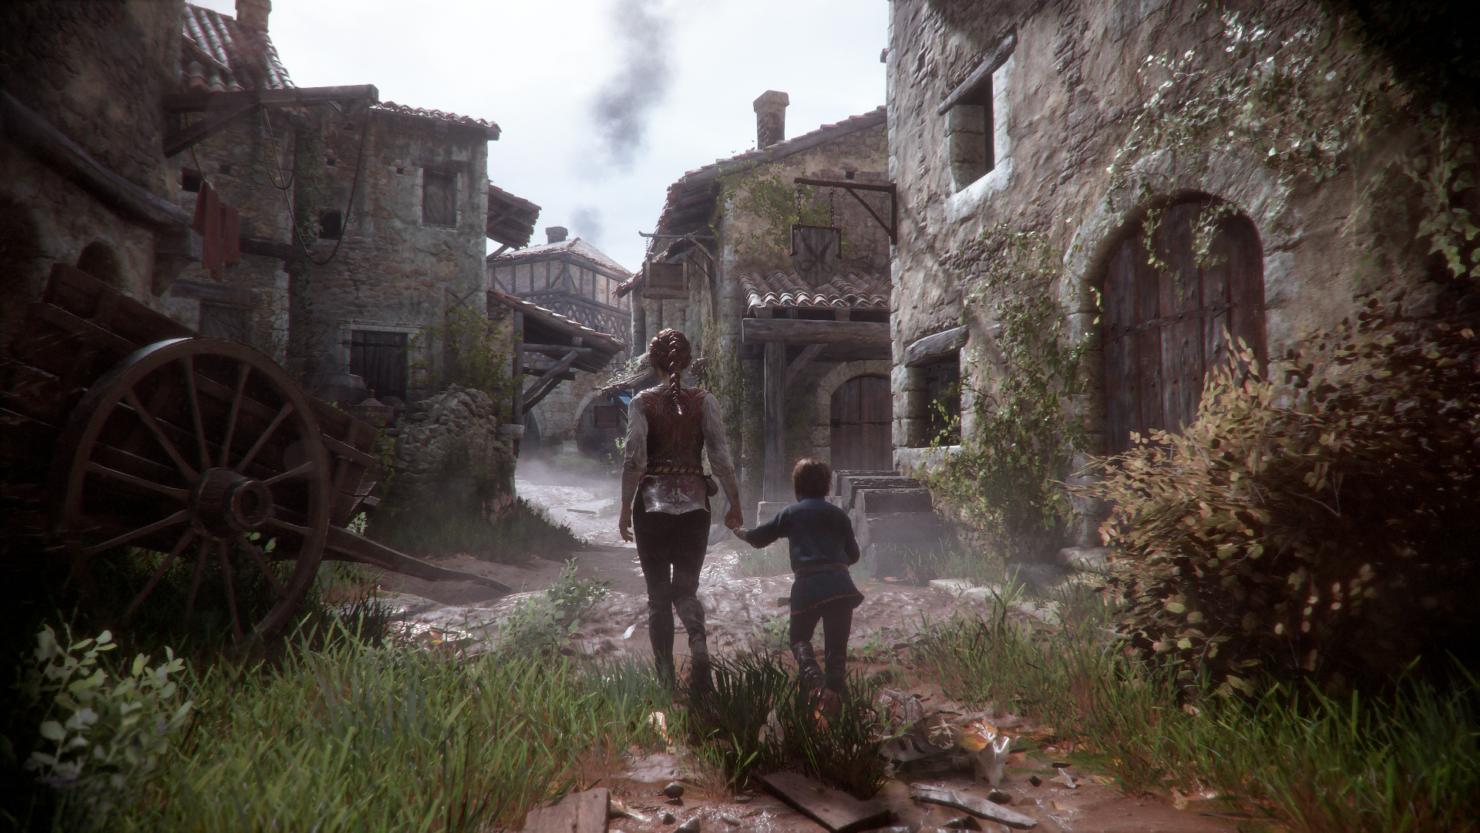 plague-tale-innocence-new-screenshots-screenshot-01